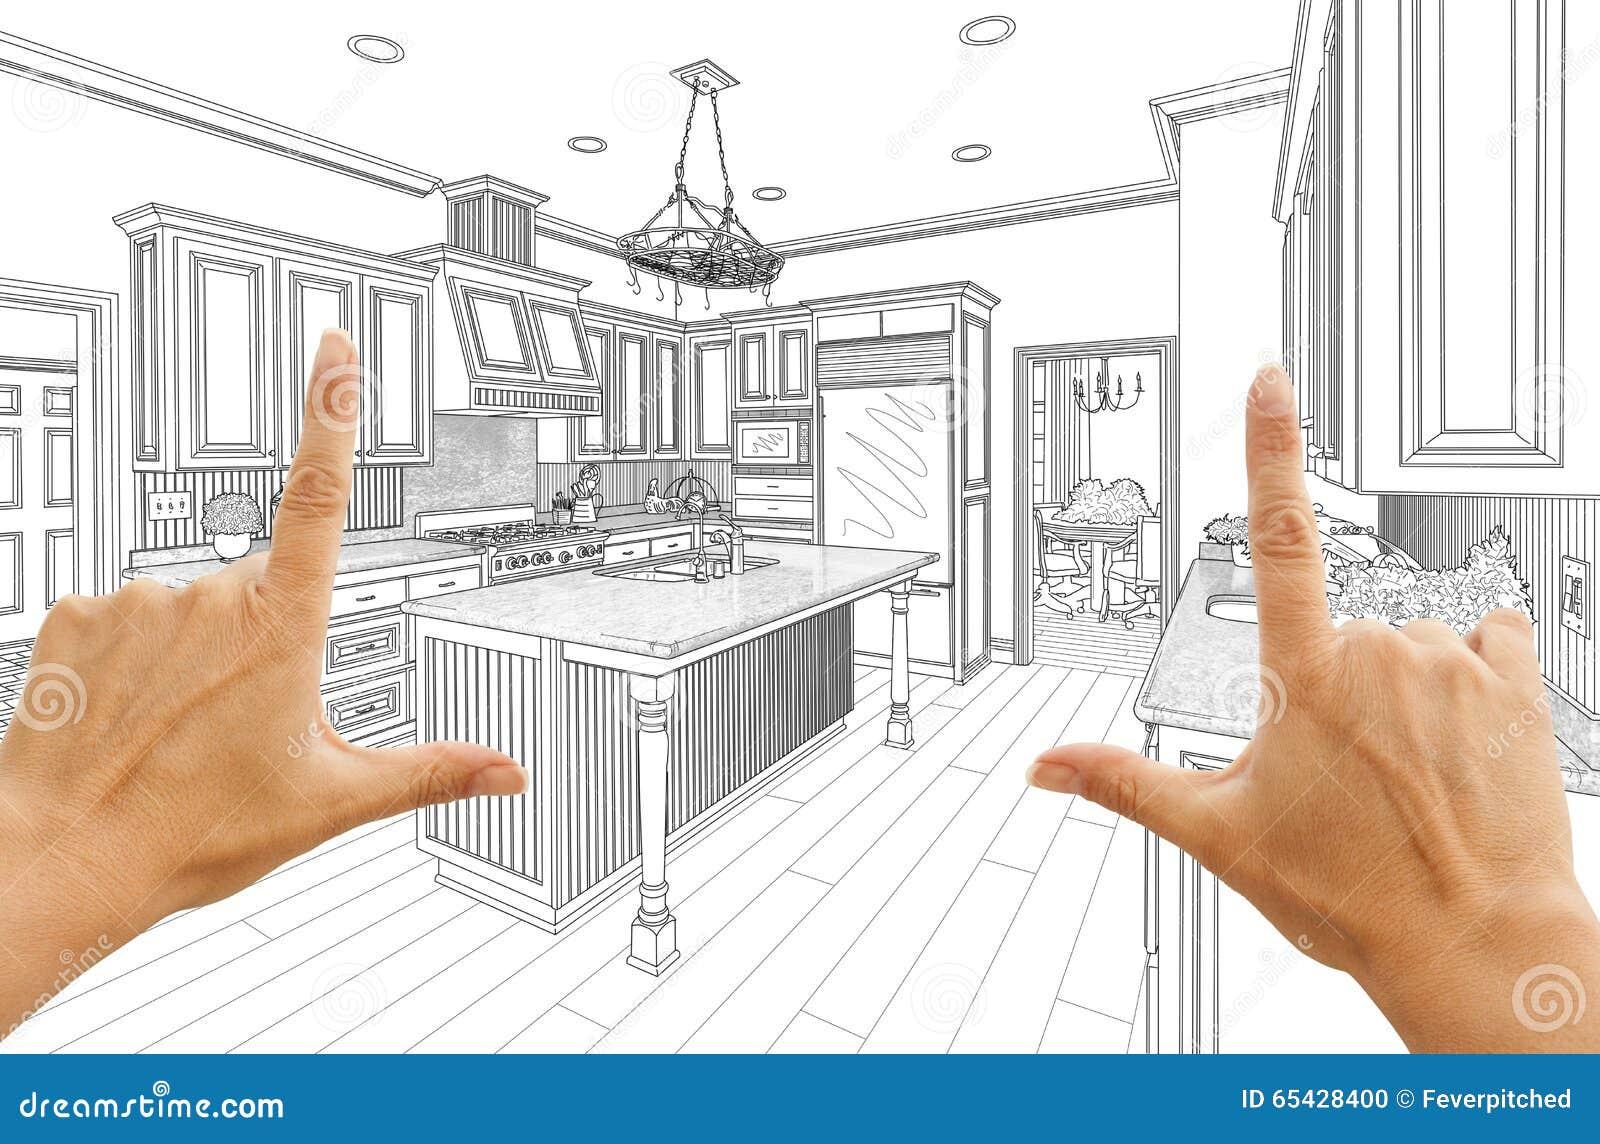 M Os Que Quadro O Desenho De Projeto Feito Sob Encomenda Da Cozinha